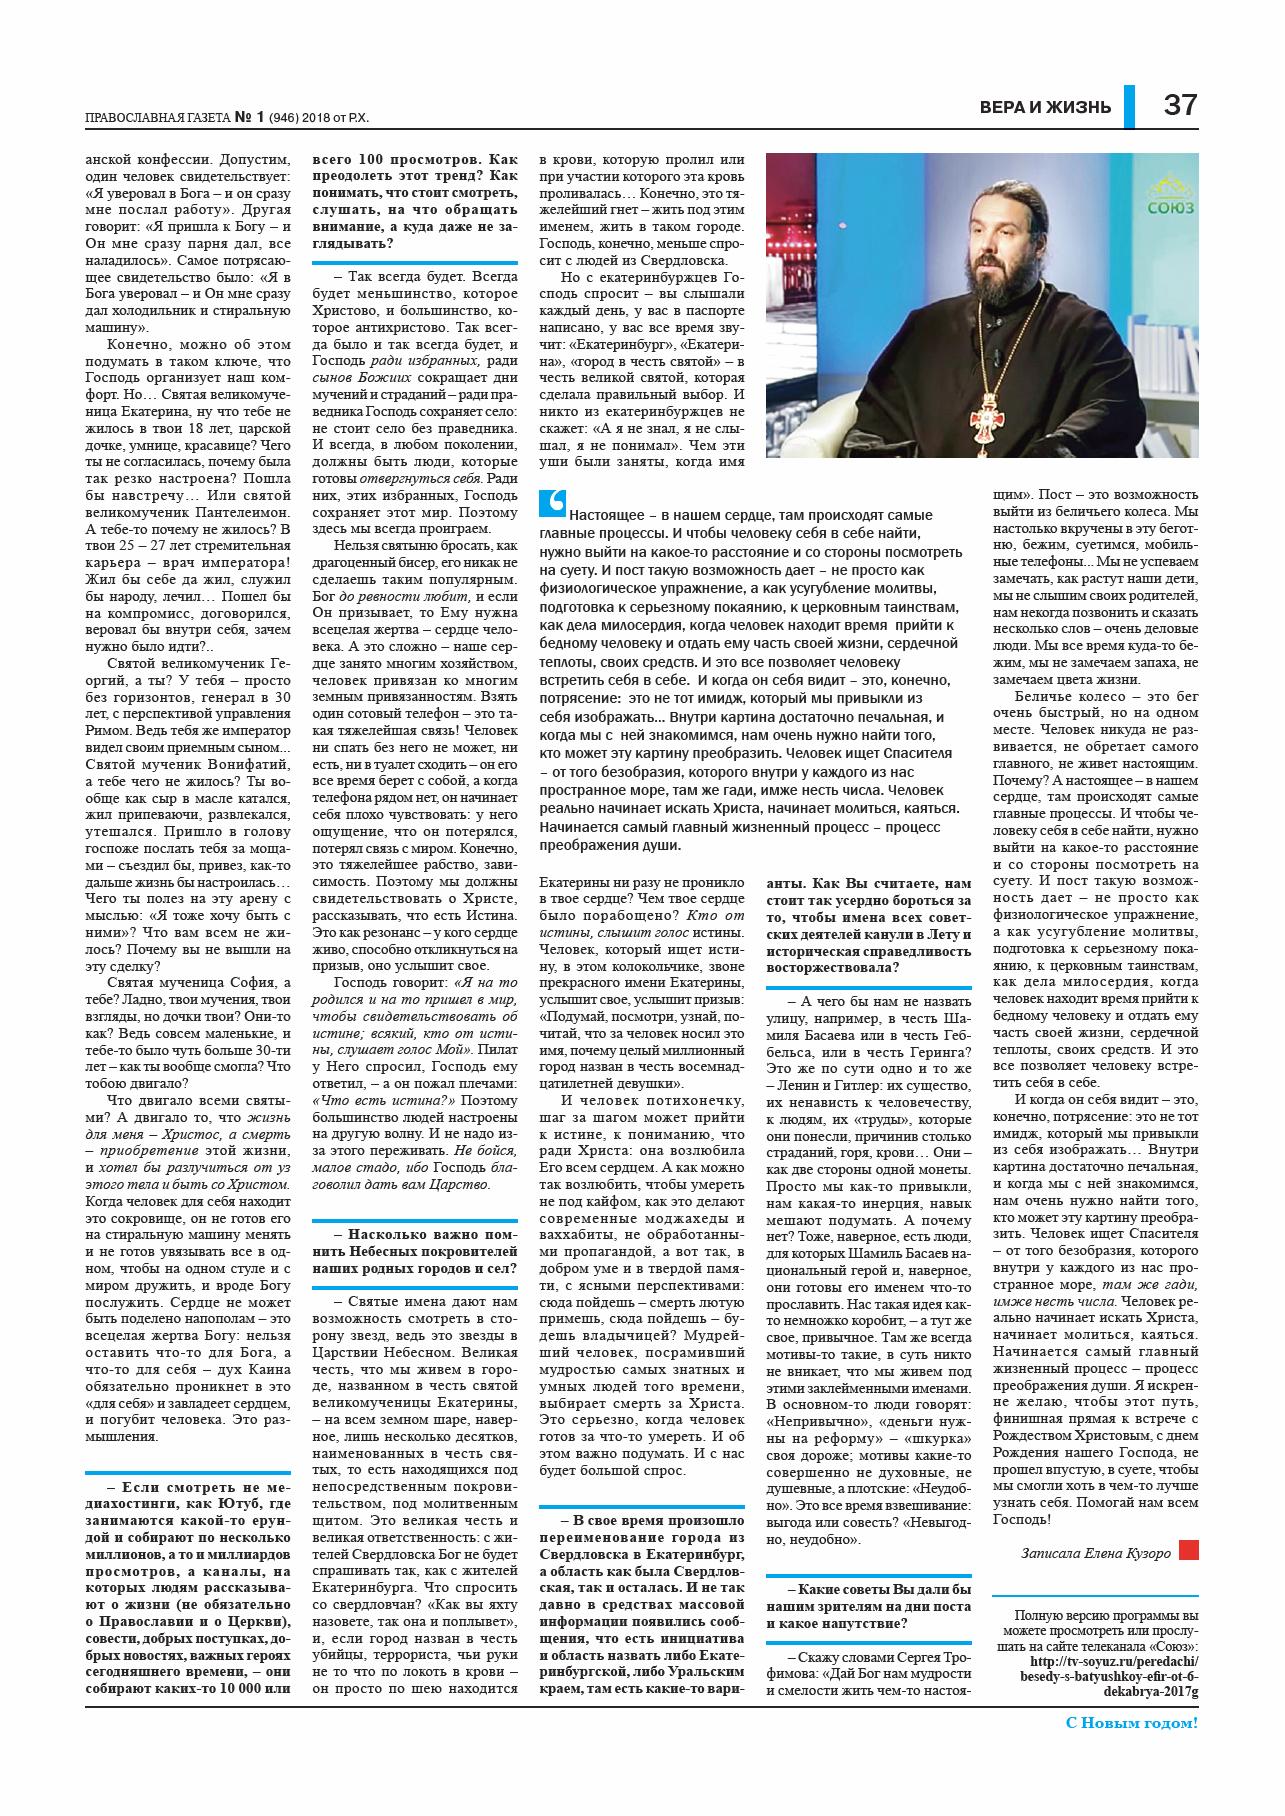 «Православная газета», №01 (946) / 1 января 2018